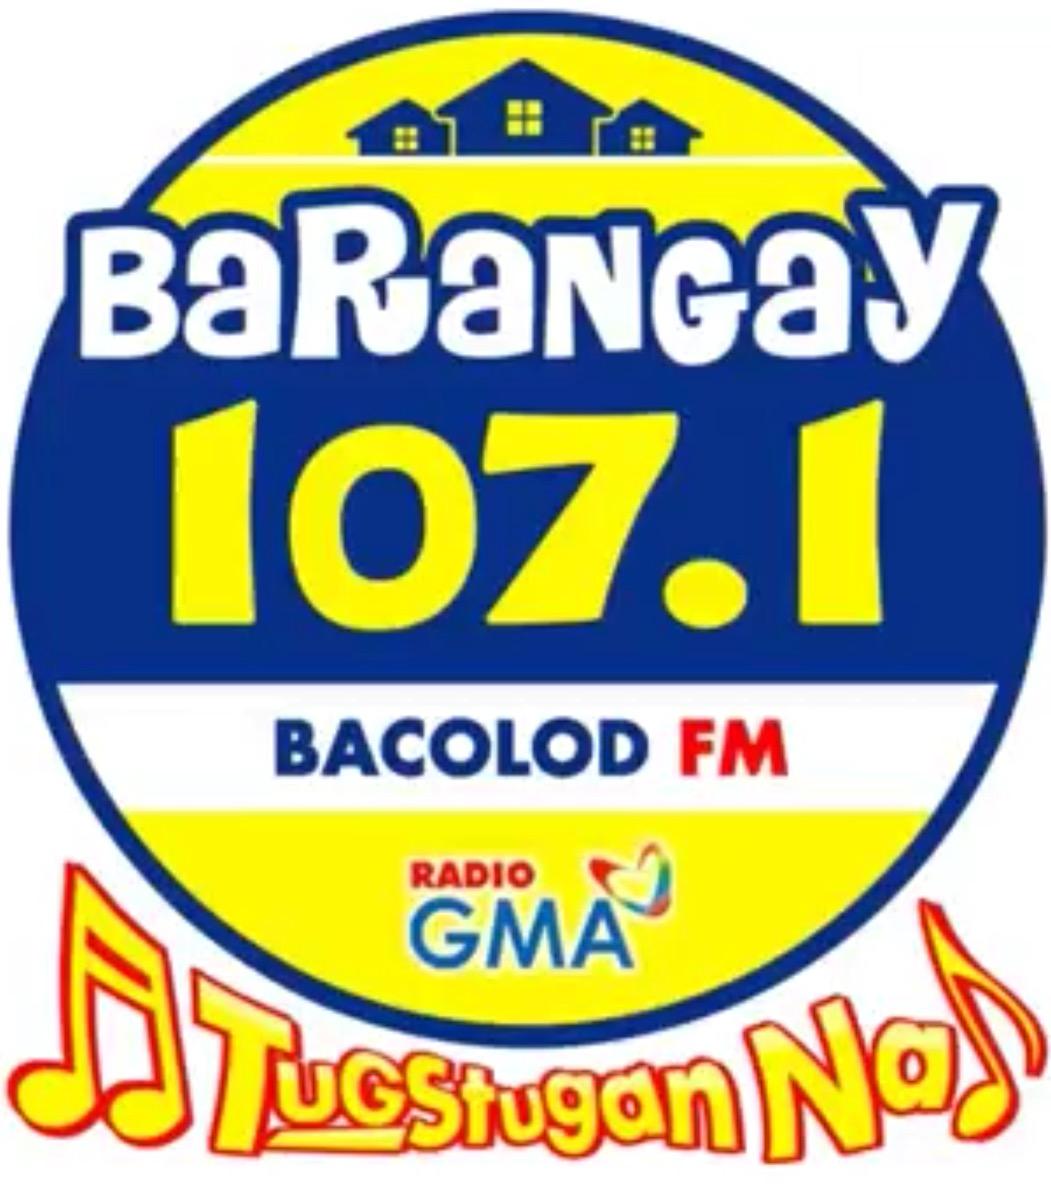 Barangay1071Bacolod.jpeg